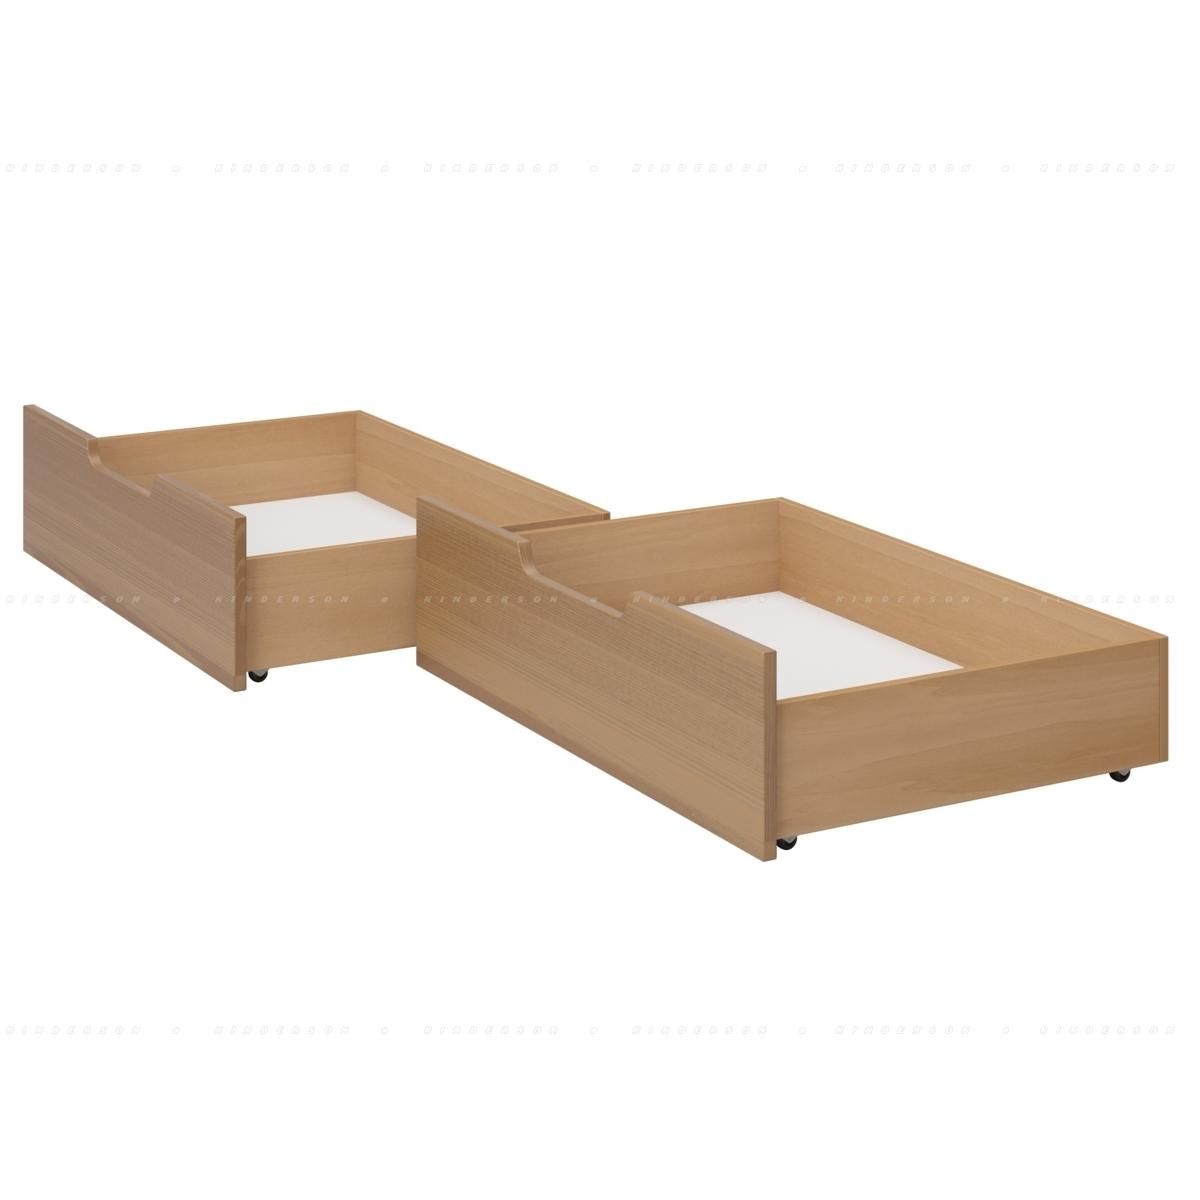 Окрашиваются по периметру в цвет кровати. Дно ящика белое.